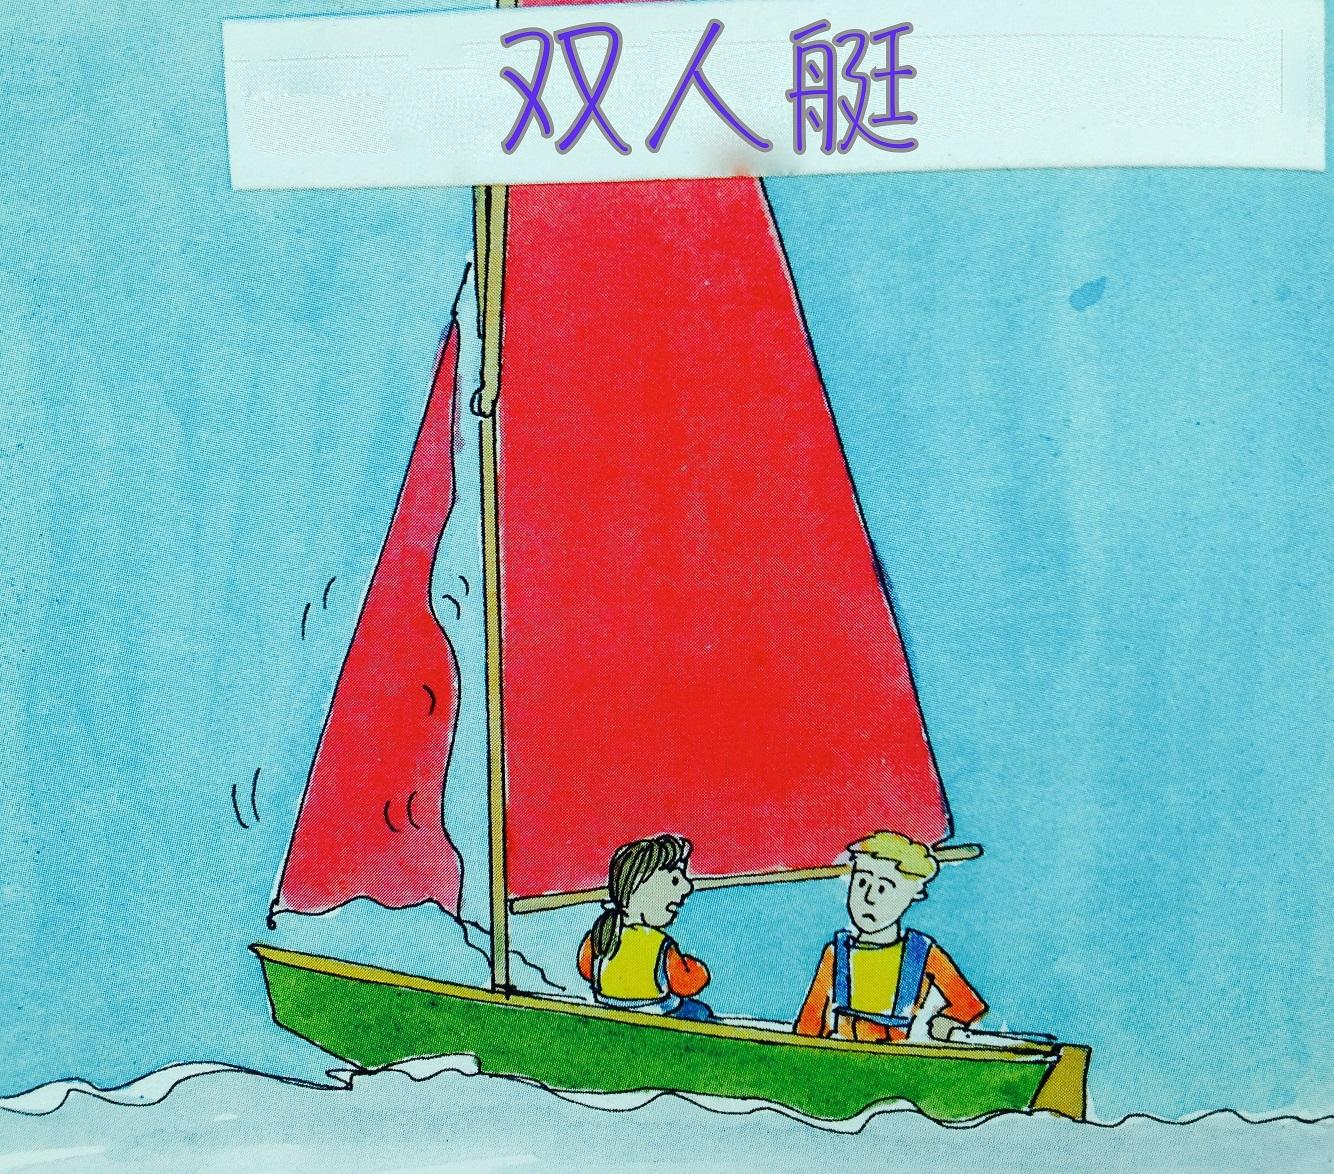 技术学,帆船,竞技,双人艇 建议大家先从双人艇开始,这样就可以分工从简单的技术学起来。 2b22.jpg